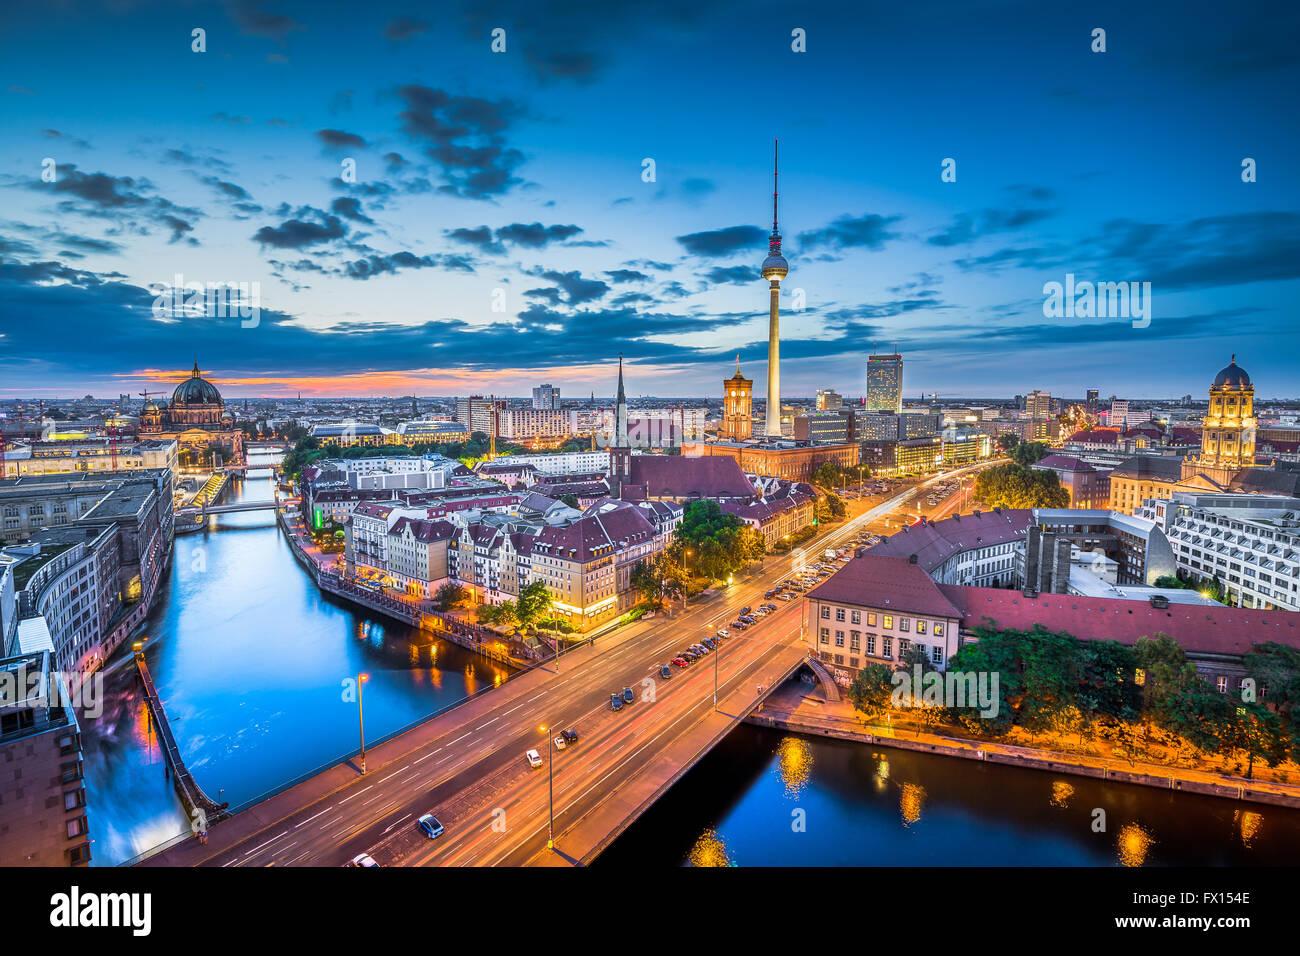 Vista aérea de Berlin skyline con dramáticas nubes en penumbra durante la hora azul al atardecer, Alemania Imagen De Stock